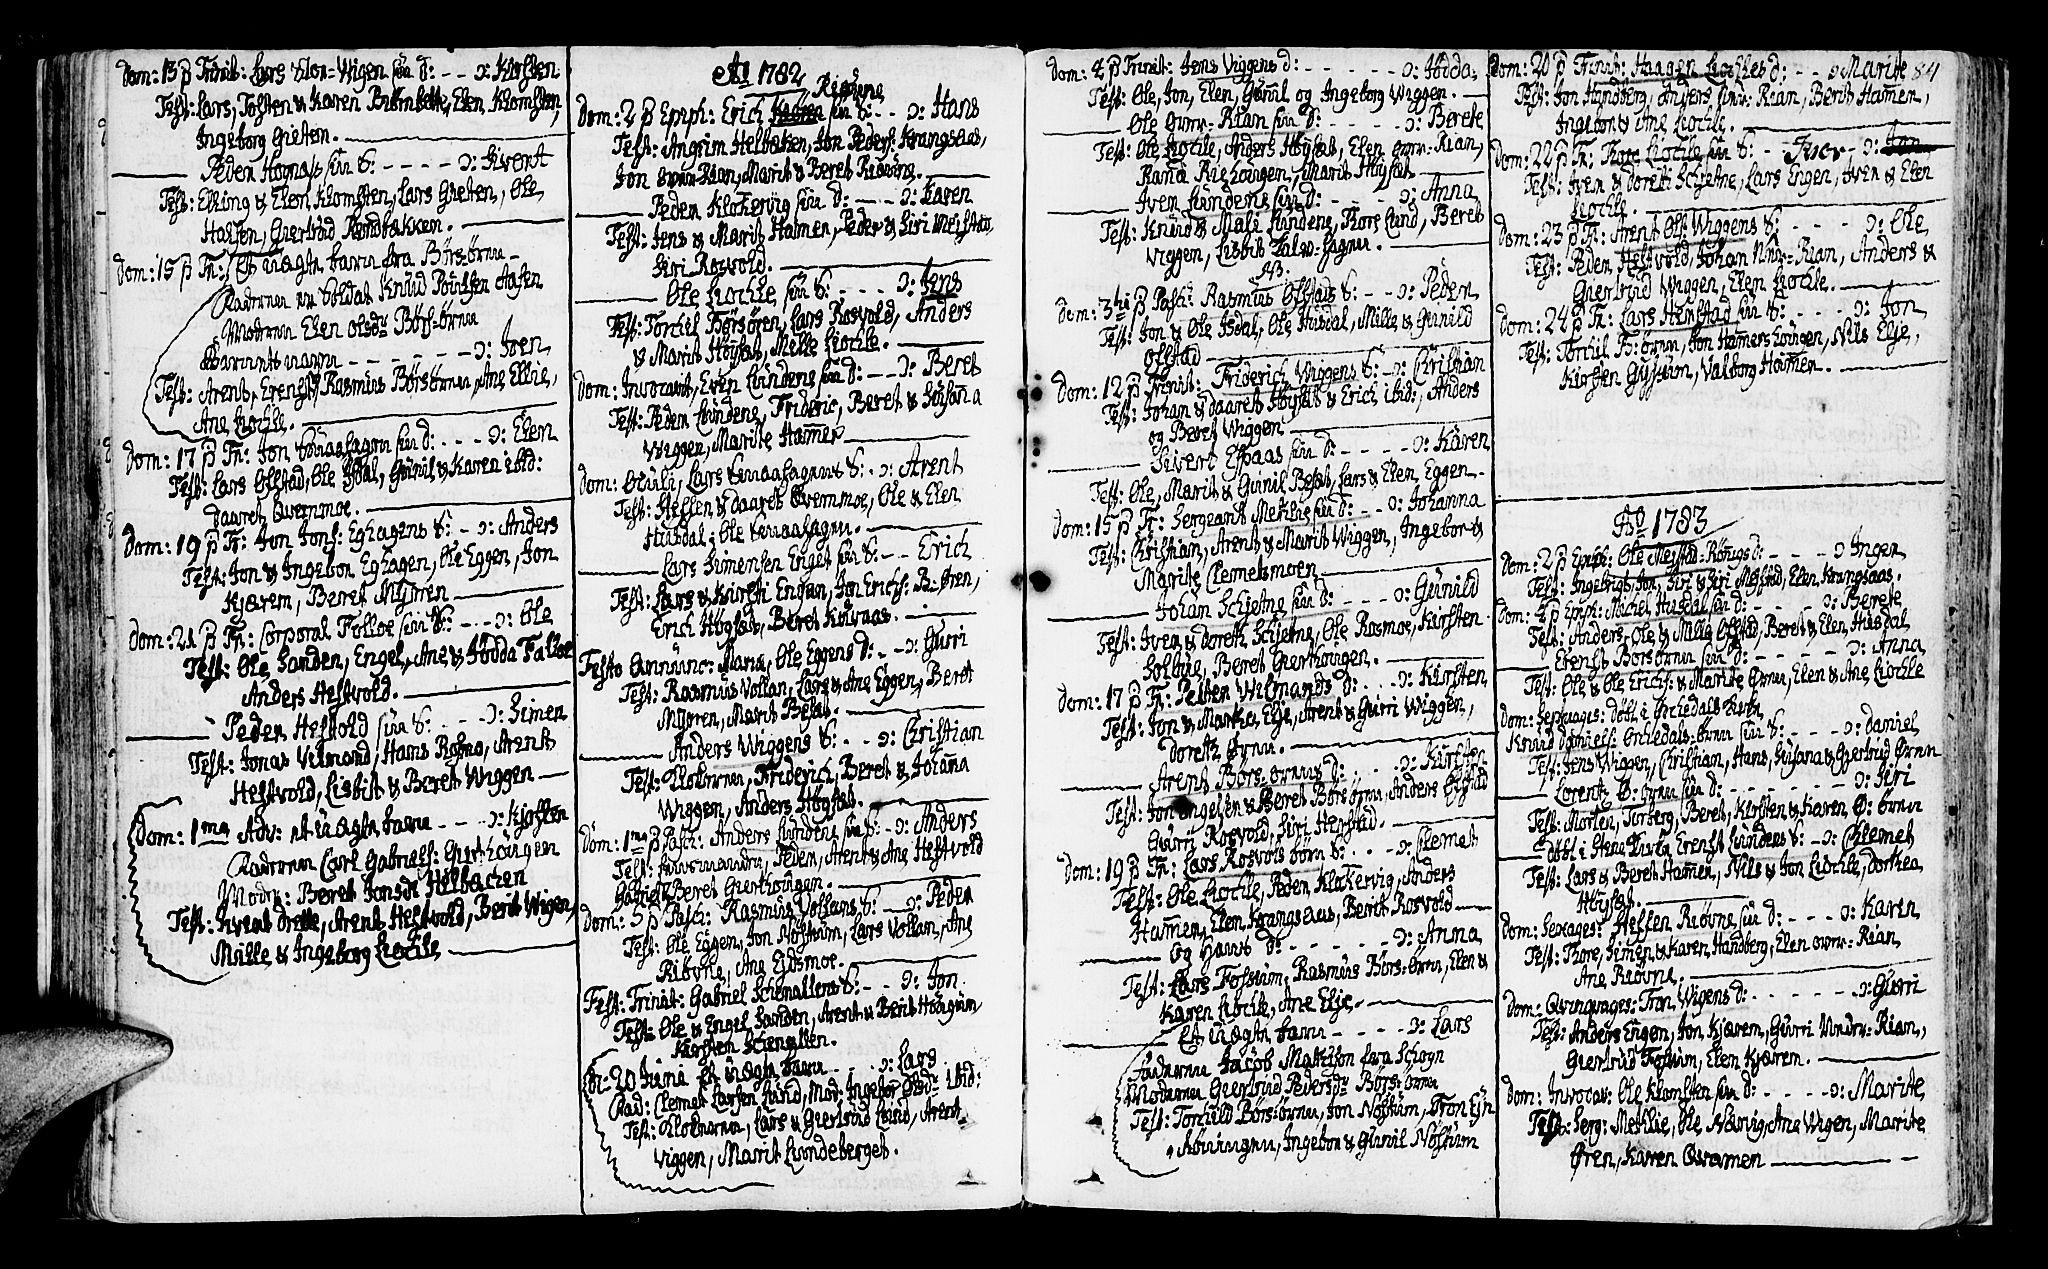 SAT, Ministerialprotokoller, klokkerbøker og fødselsregistre - Sør-Trøndelag, 665/L0768: Ministerialbok nr. 665A03, 1754-1803, s. 84